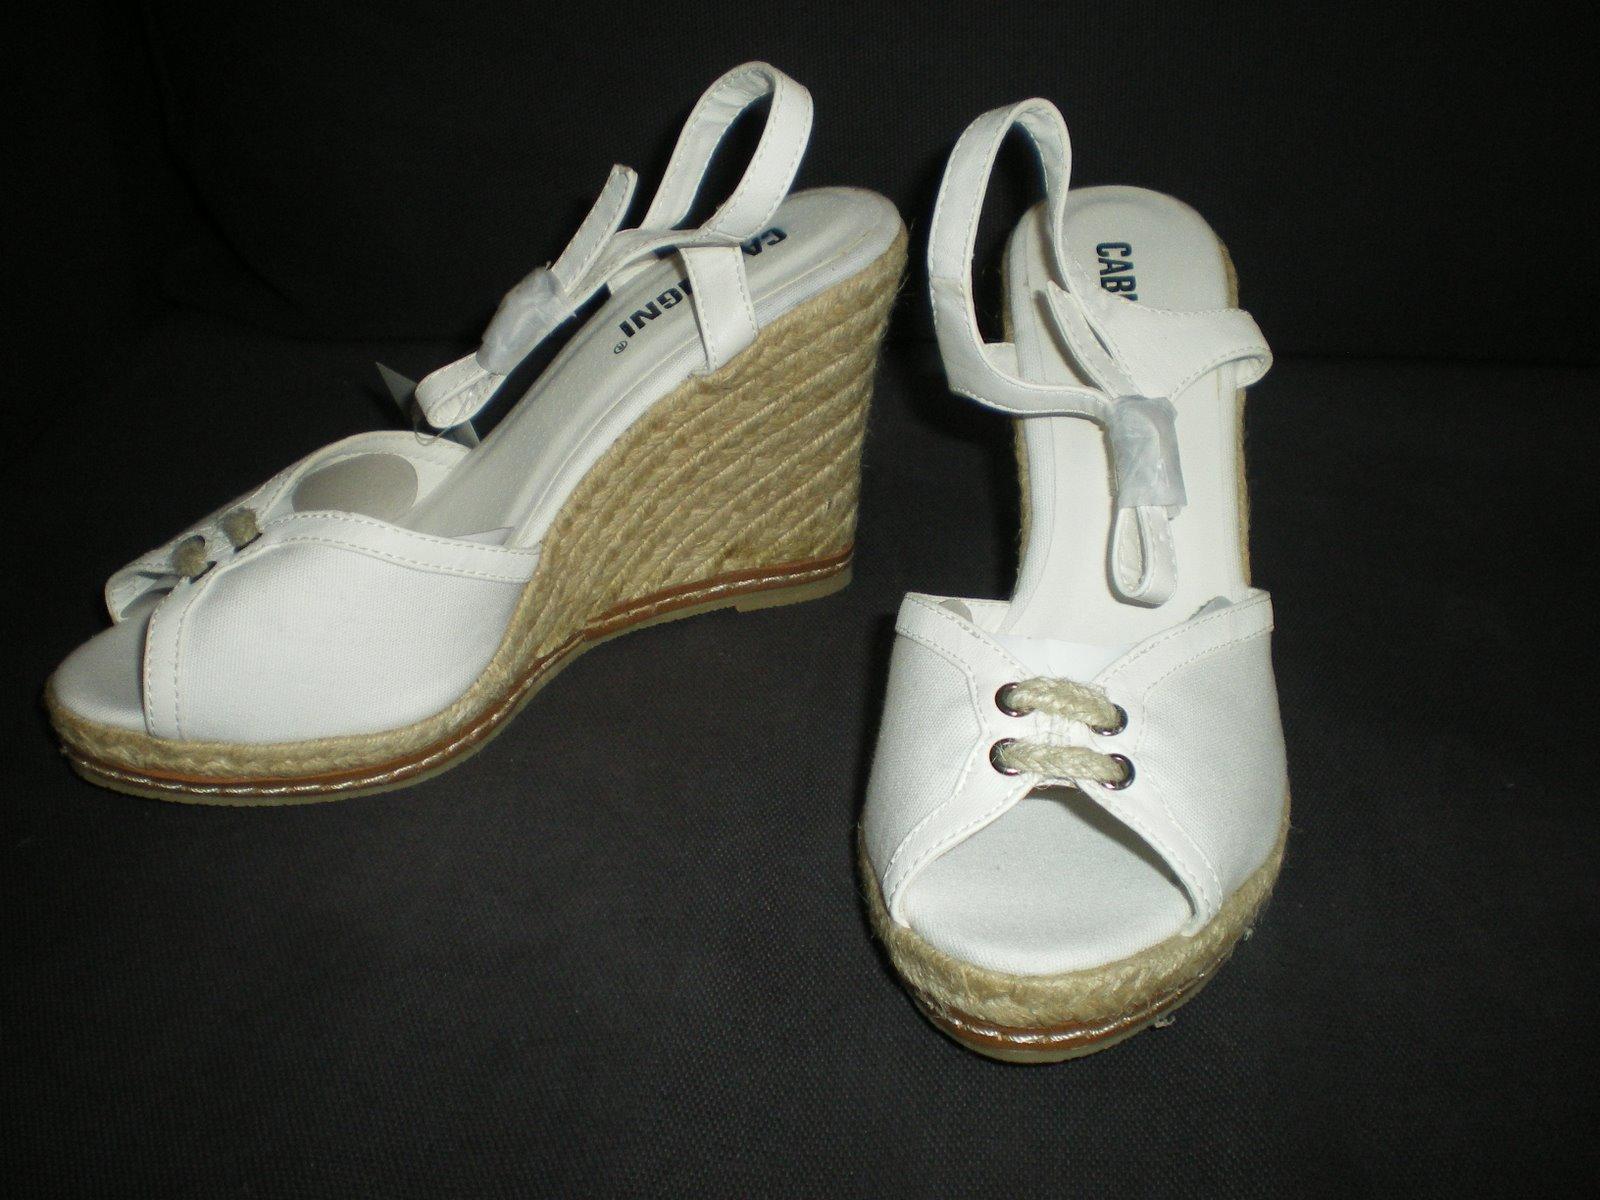 topdressing sandales espadrilles compens es blanches neuves 38 27 fpc. Black Bedroom Furniture Sets. Home Design Ideas